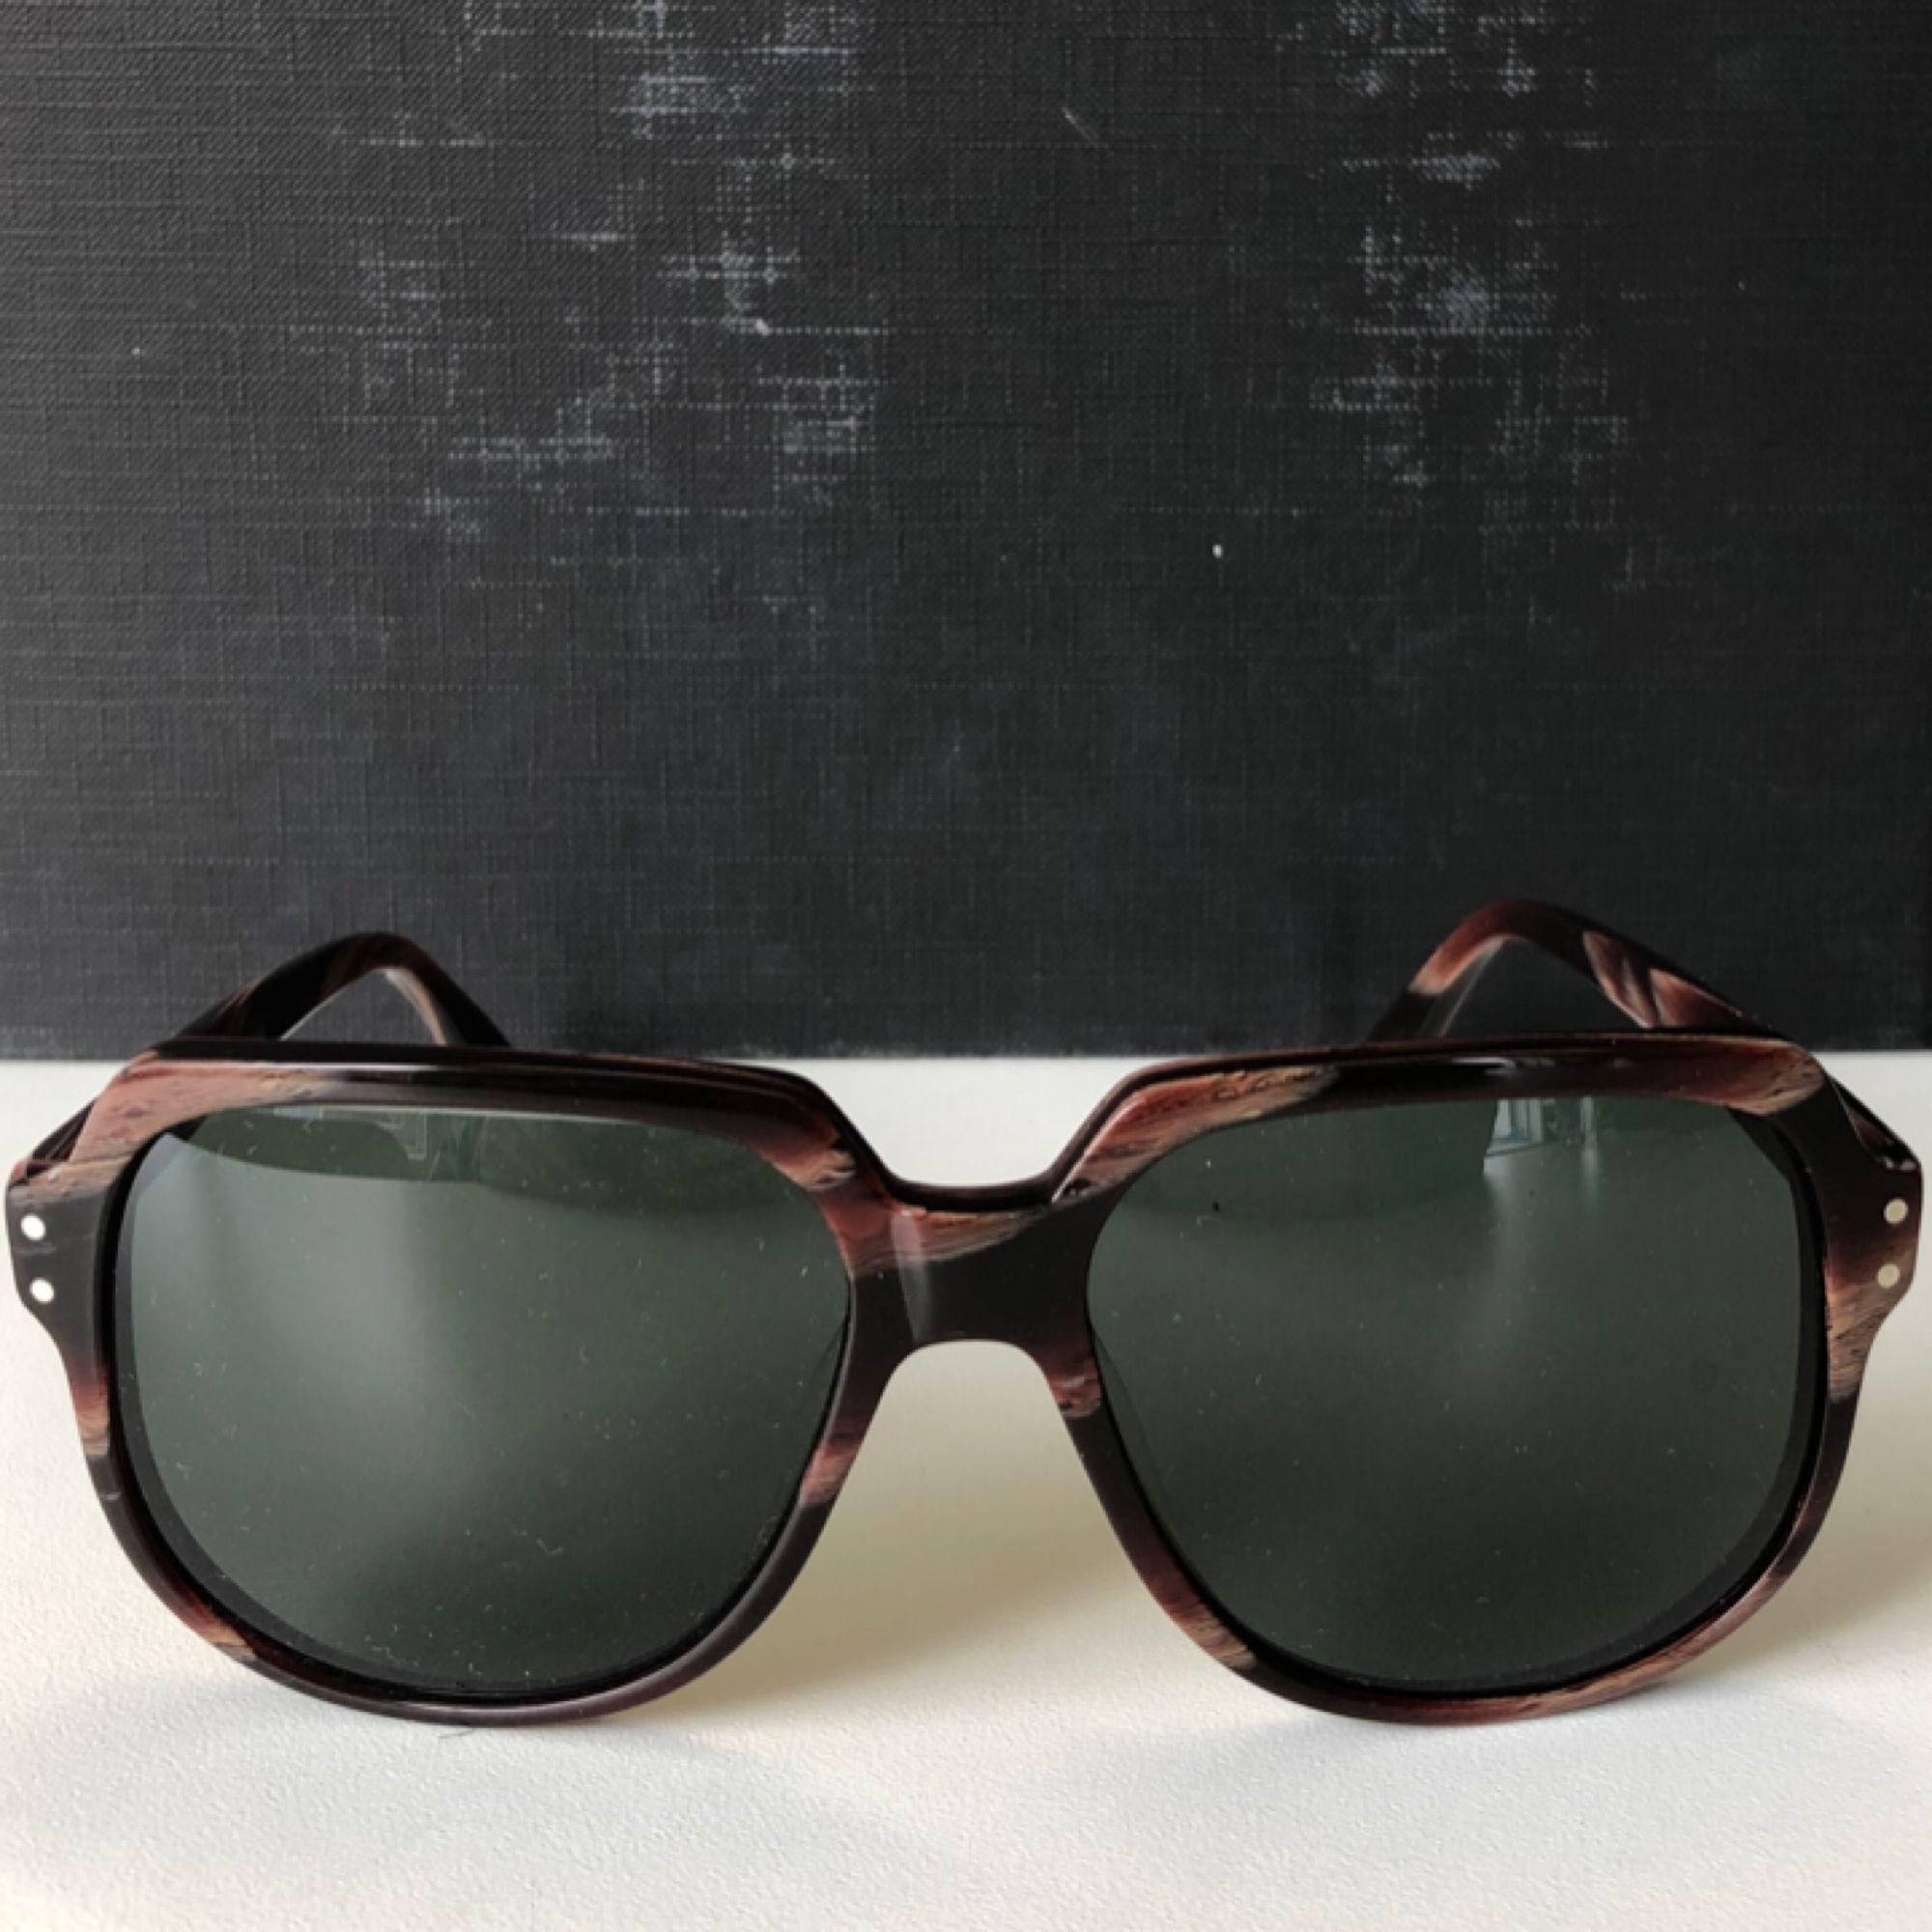 Solglasögon från märket Hyde's, modell no14 Juan maclean. Fint skick, knappt använda! . Accessoarer.